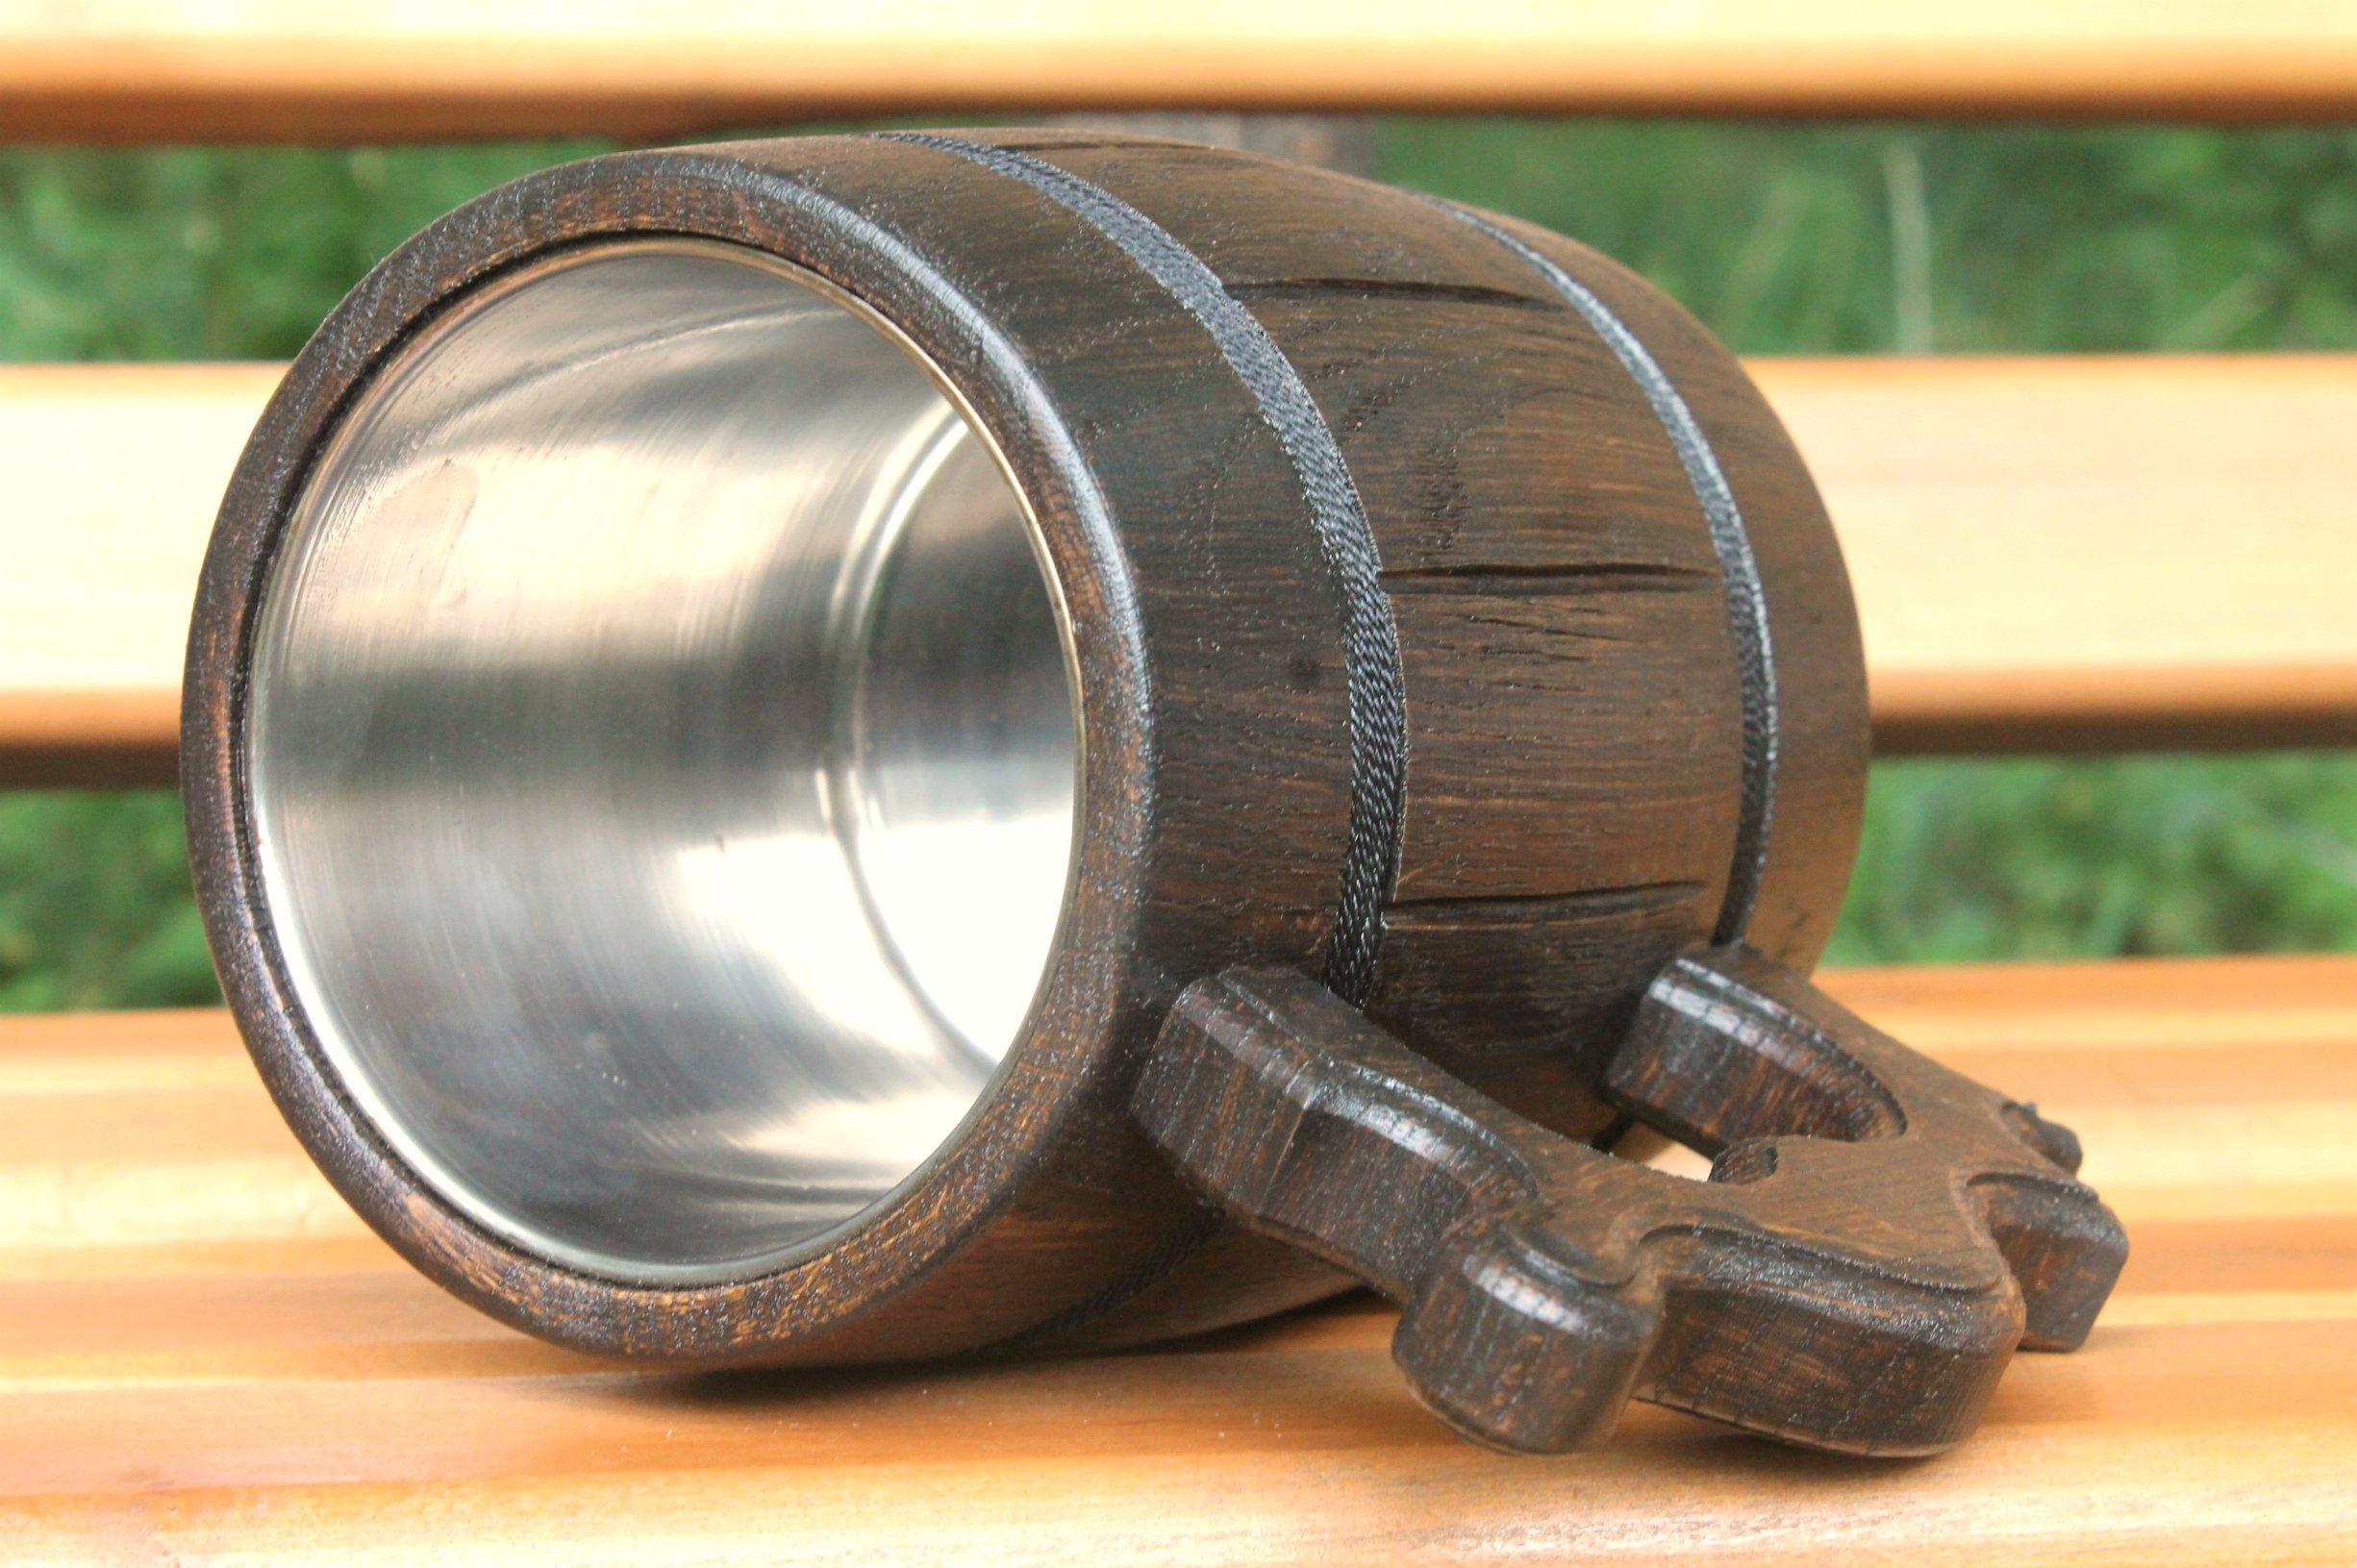 Wooden Beer Mug Eco-Friendly 20oz 0.6L Stainless Steel Cup Men Brown Wood Tankard Wedding Gift Beer Mug by WorldMaker   Exclusive Handmade goods (Image #2)